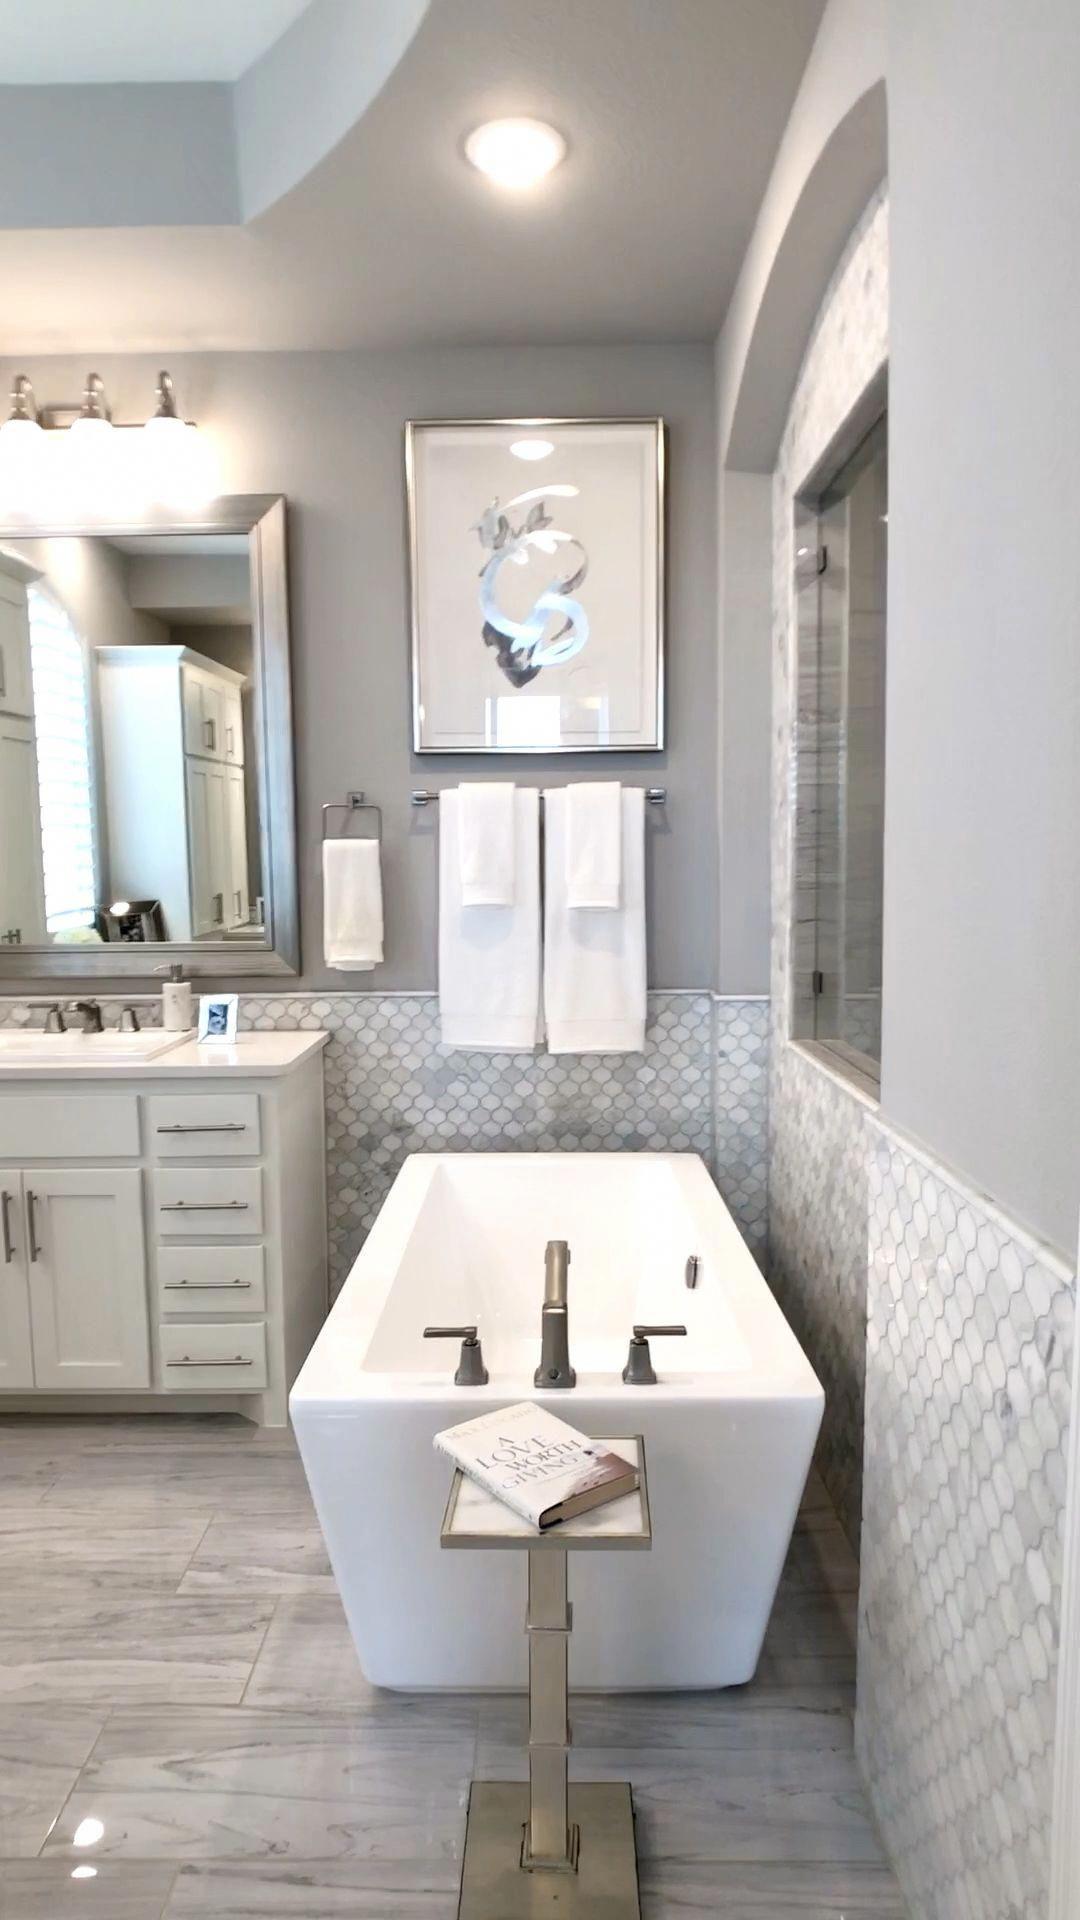 Modern Glam Master Bath In 2020 Master Bathroom Design Bathroom Remodel Master Bathroom Renovations